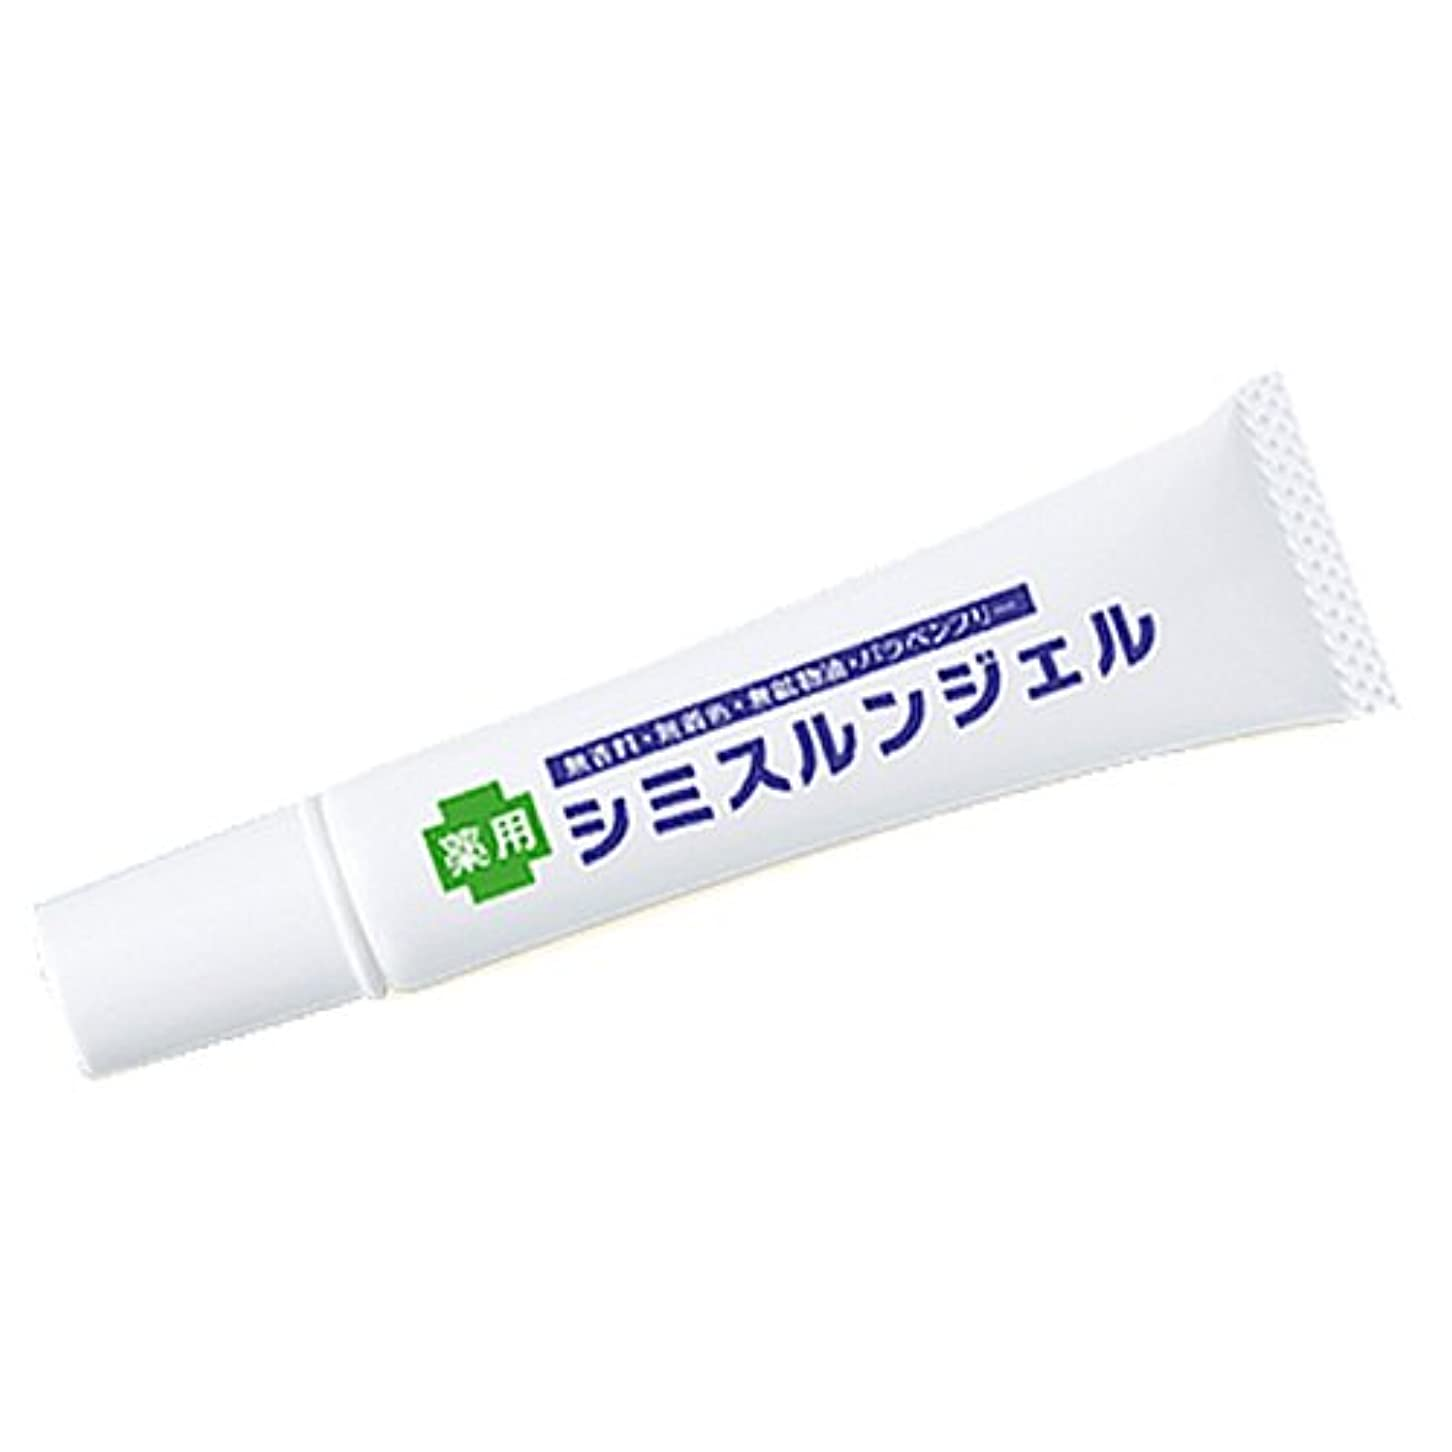 のどリボンハントナクナーレ 薬用シミスルンジェル 医薬部外品